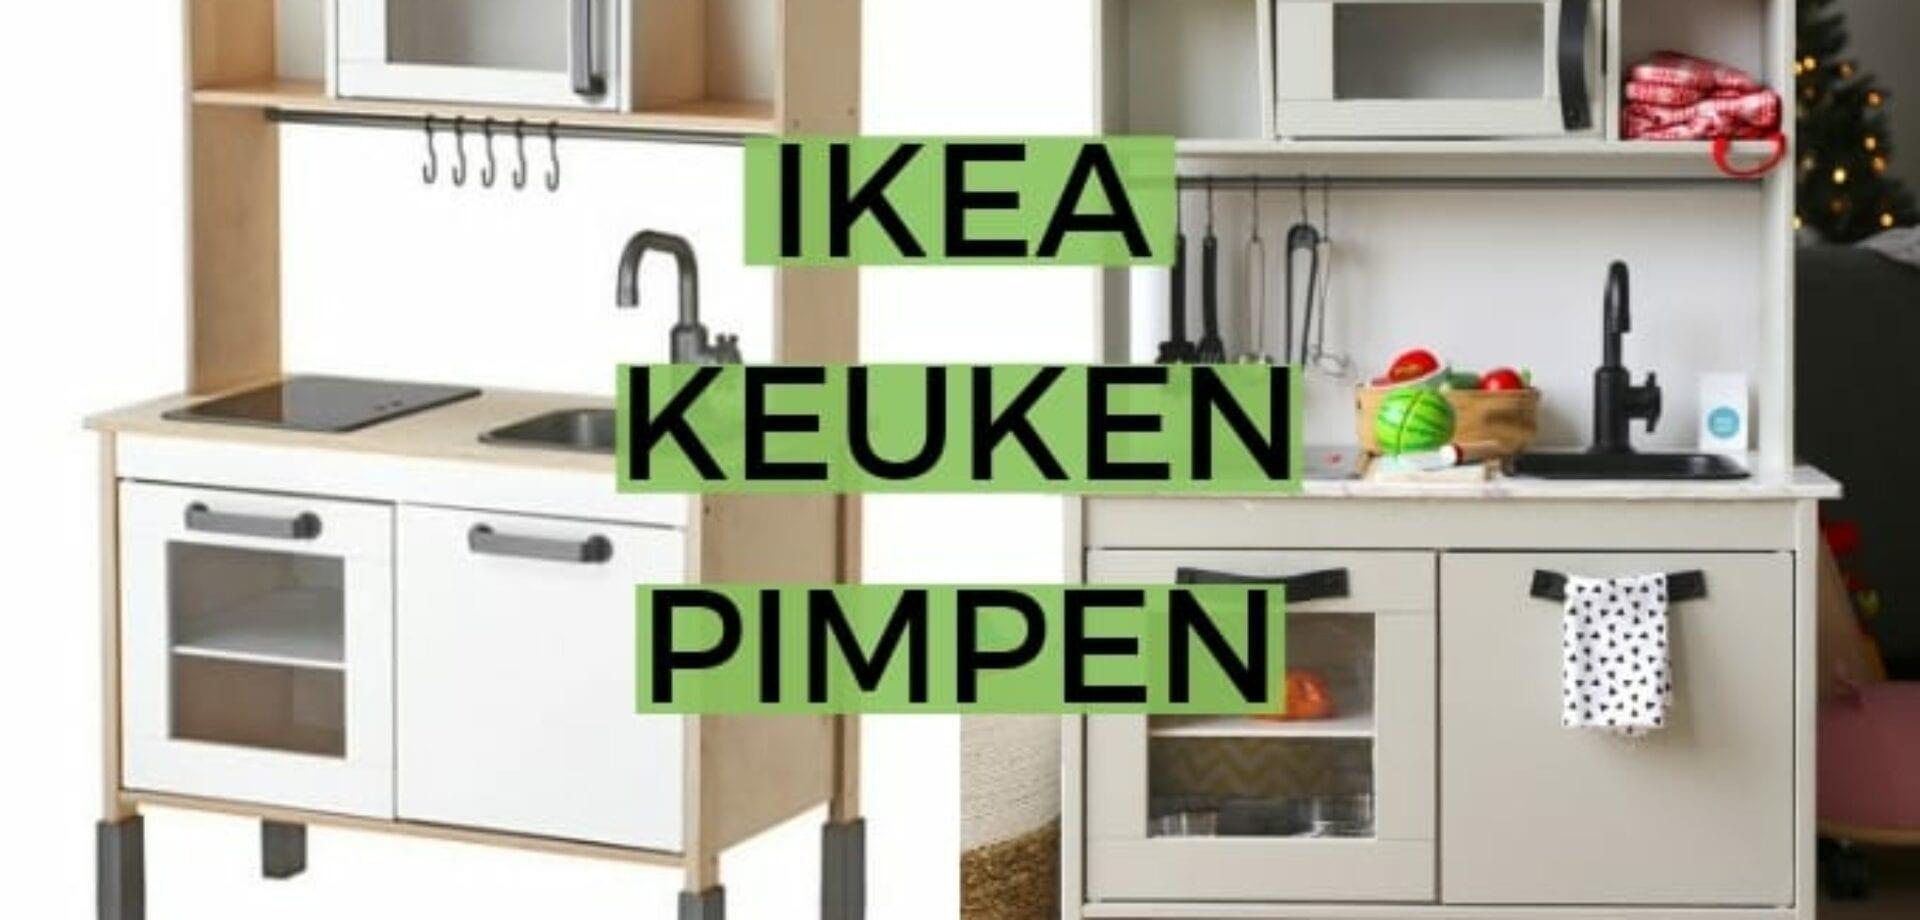 Ikea Keukentje Pimpen Lekker En Simpel